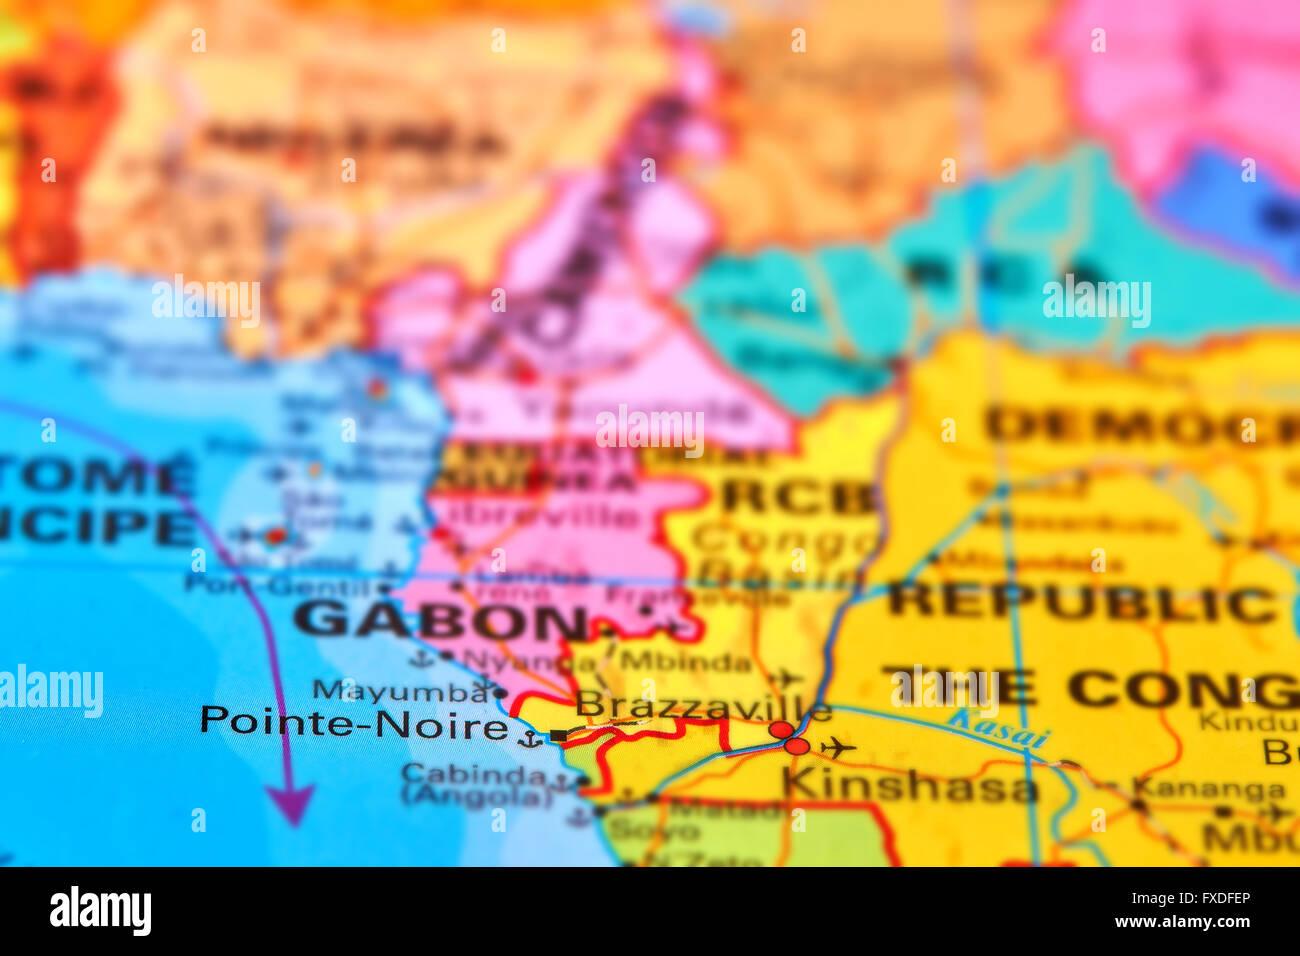 Pointe noire city of republic of congo in africa on the world map pointe noire city of republic of congo in africa on the world map gumiabroncs Gallery